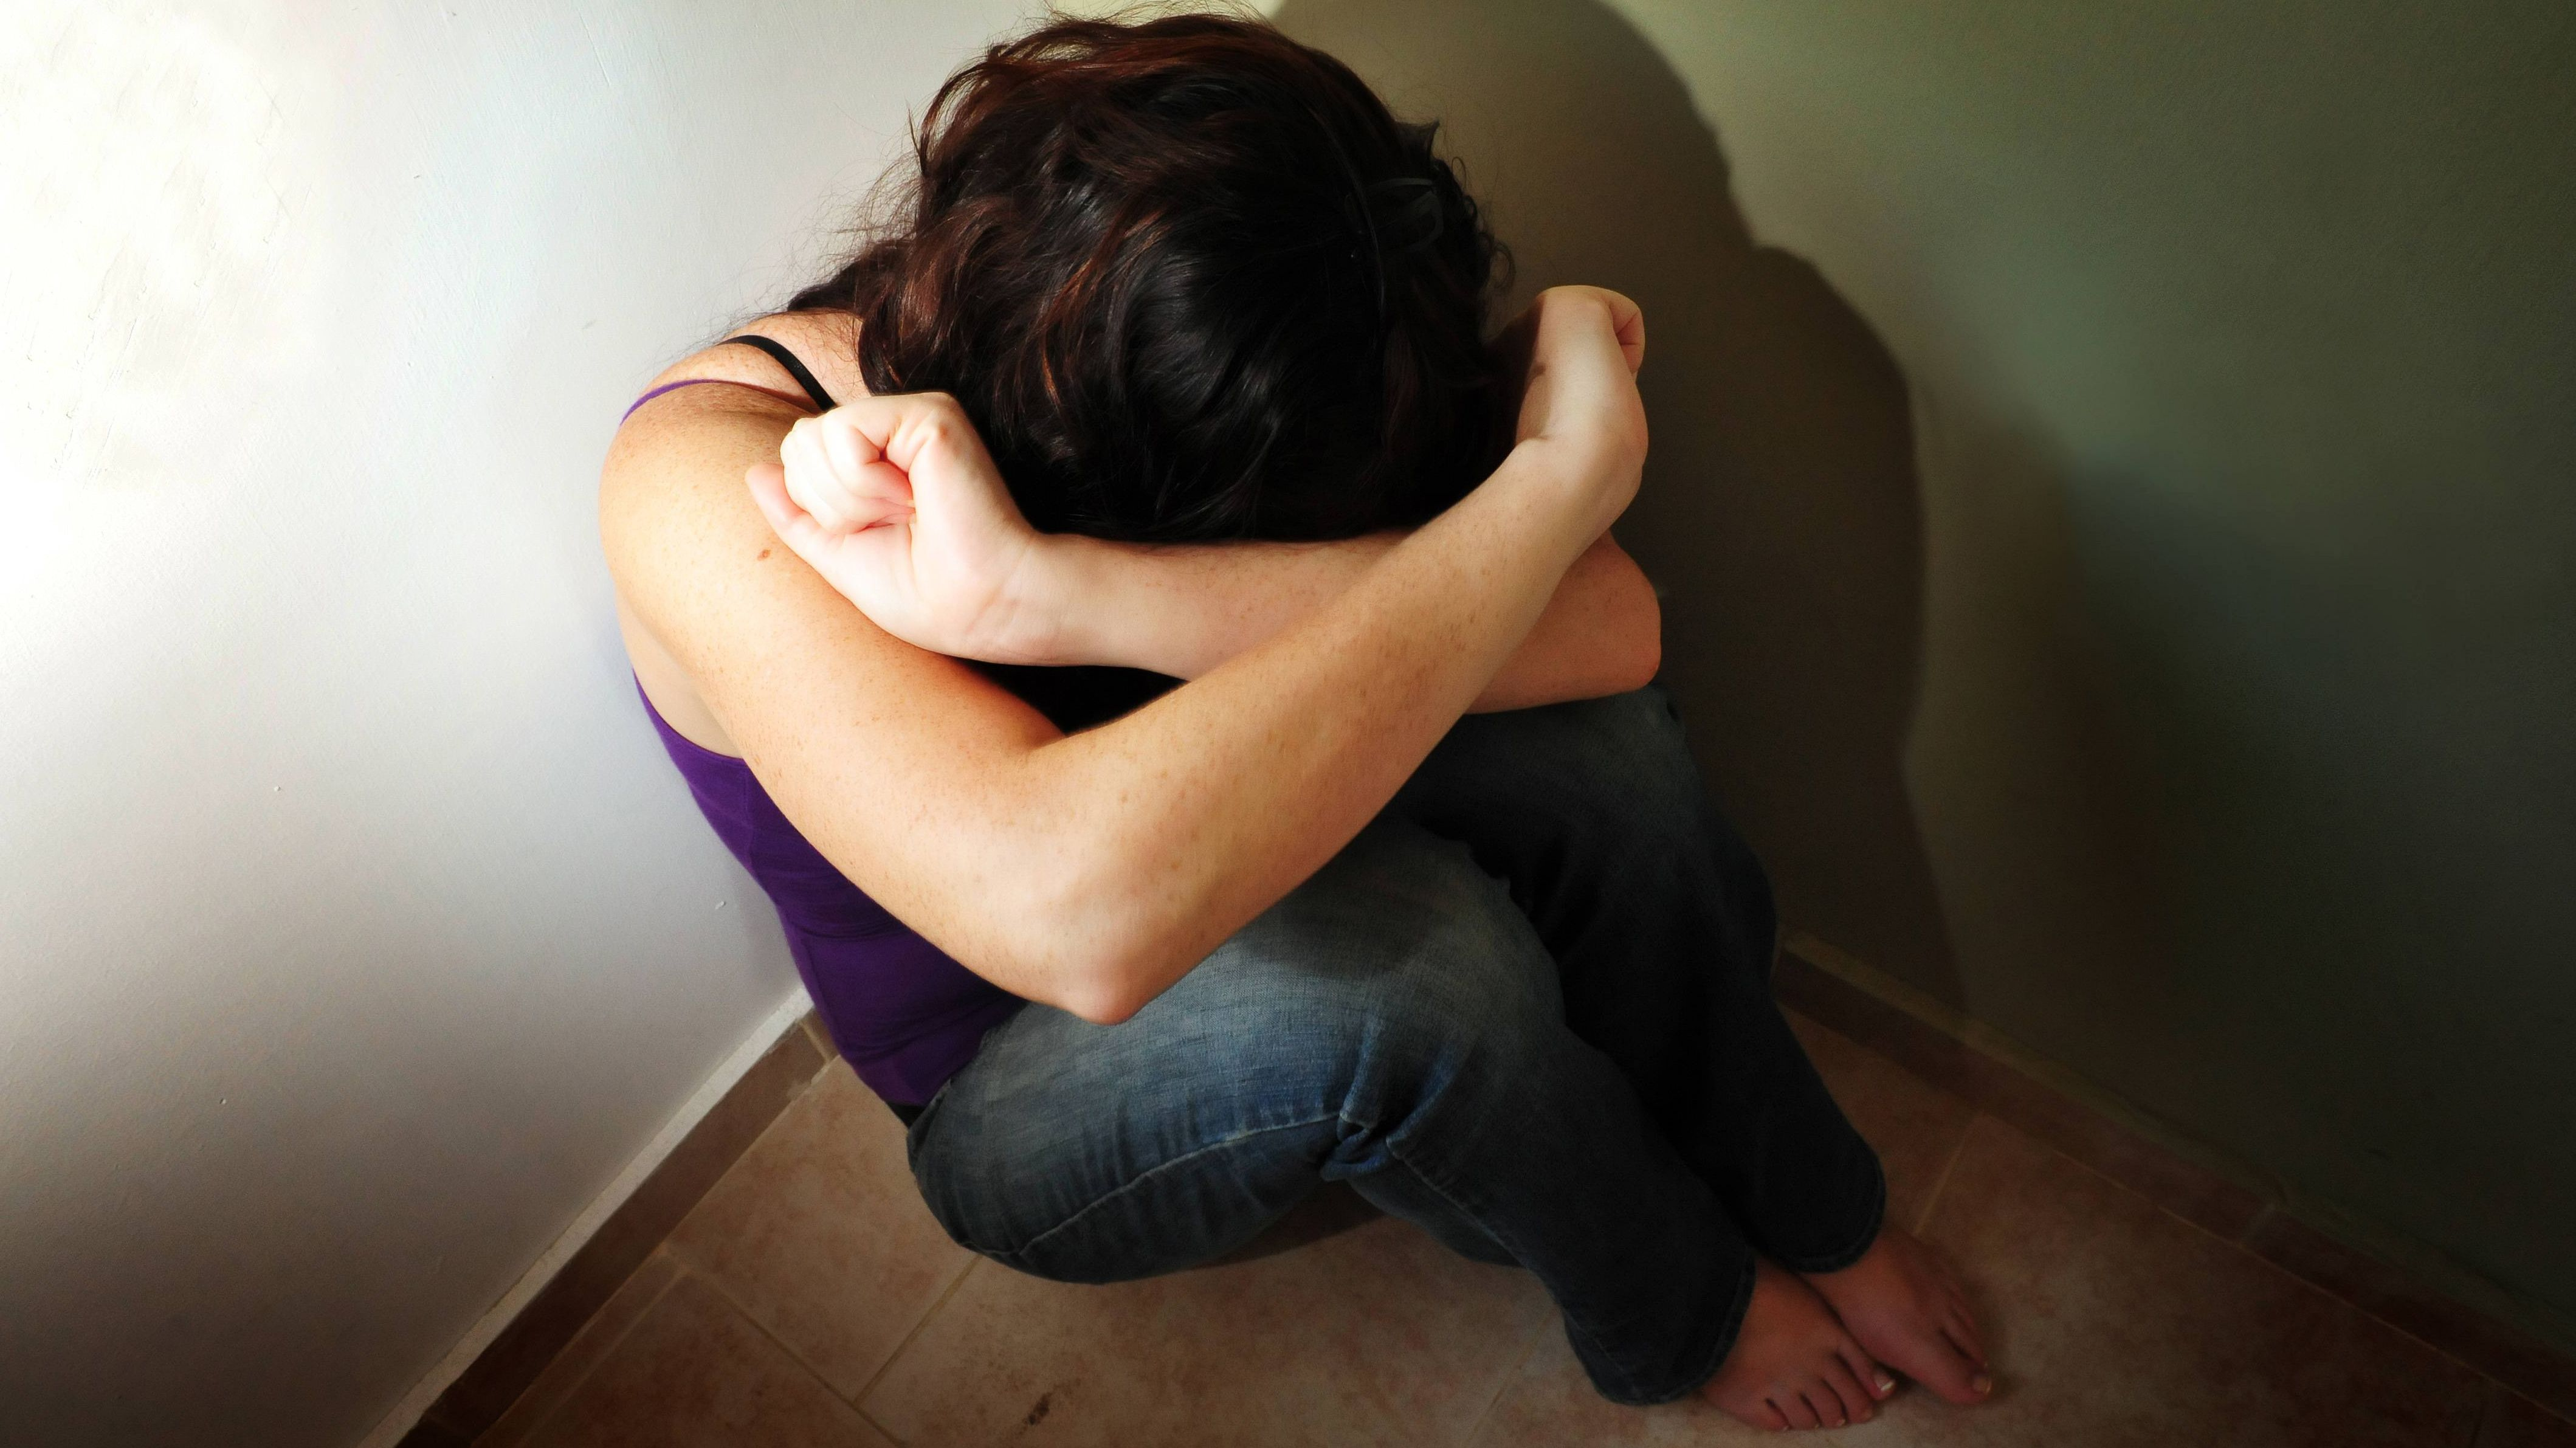 Mädchen sitzt verzweifelt in der Ecke und hält sich die Arme vors Gesicht